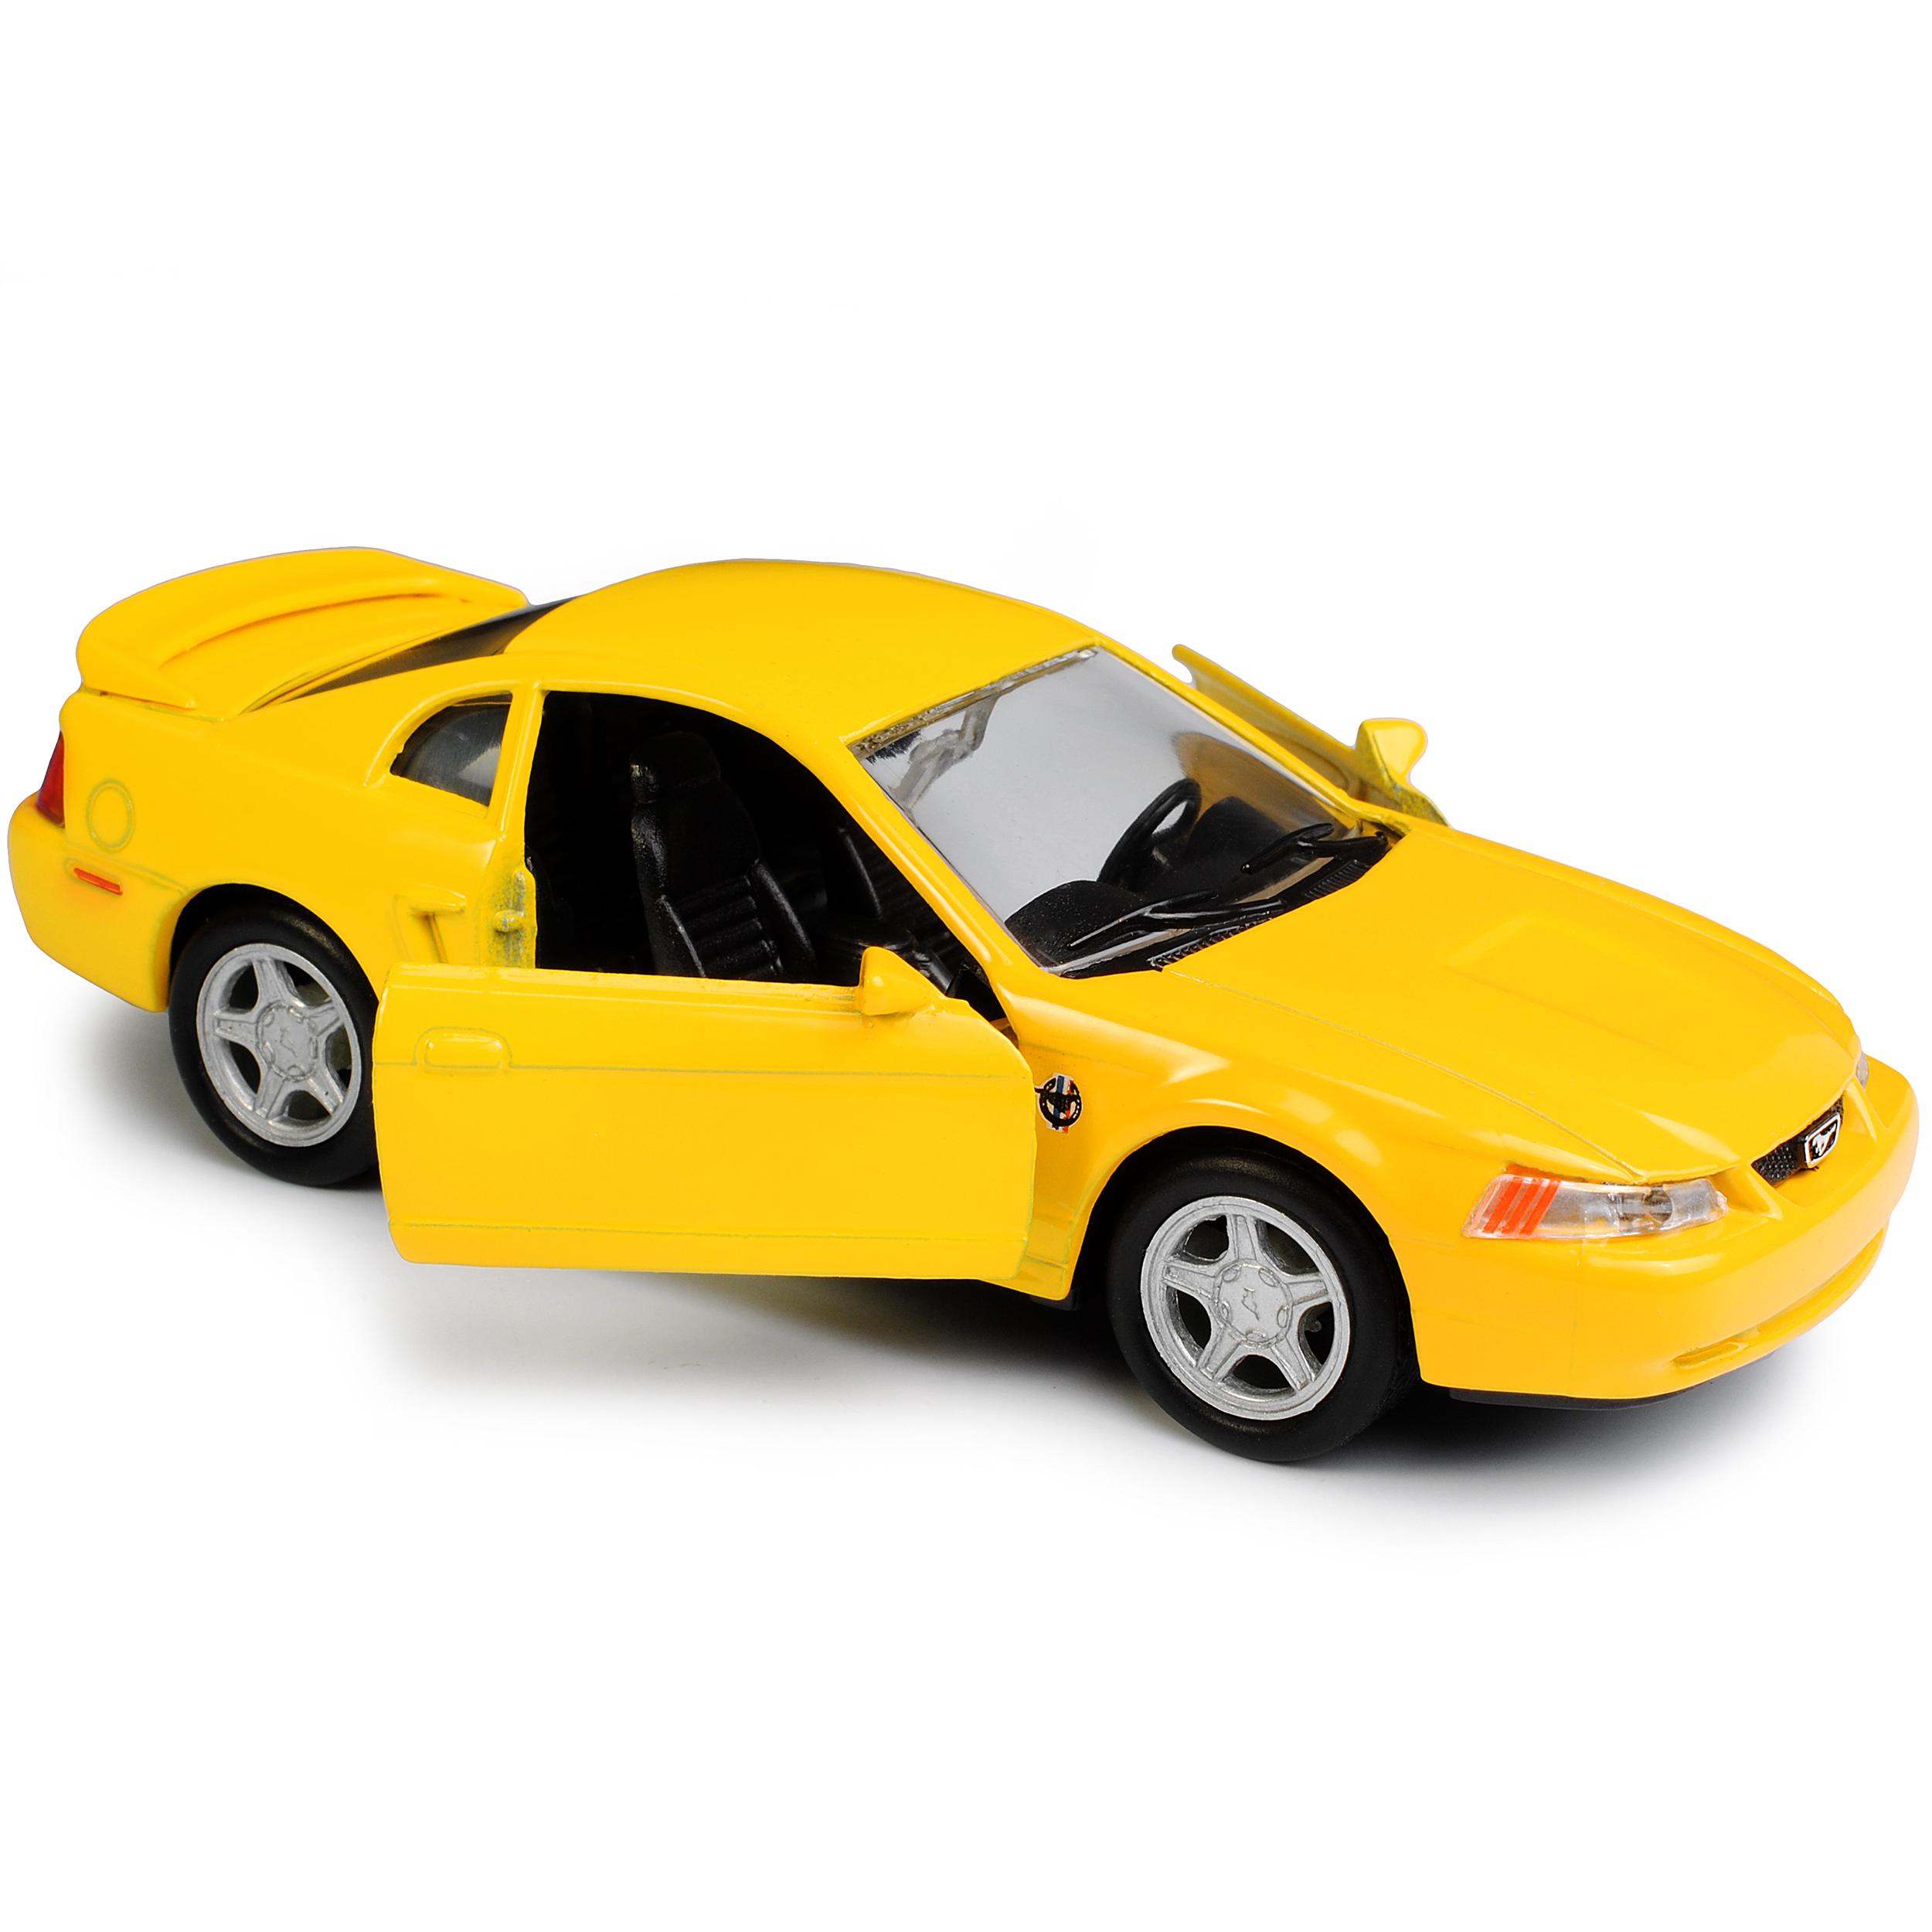 Version-de-amarillo-1994-2004-Ford-Mustang-IV-GT-coupe-de-cara-Levante-1999-ca-1-43-1-36 miniatura 9